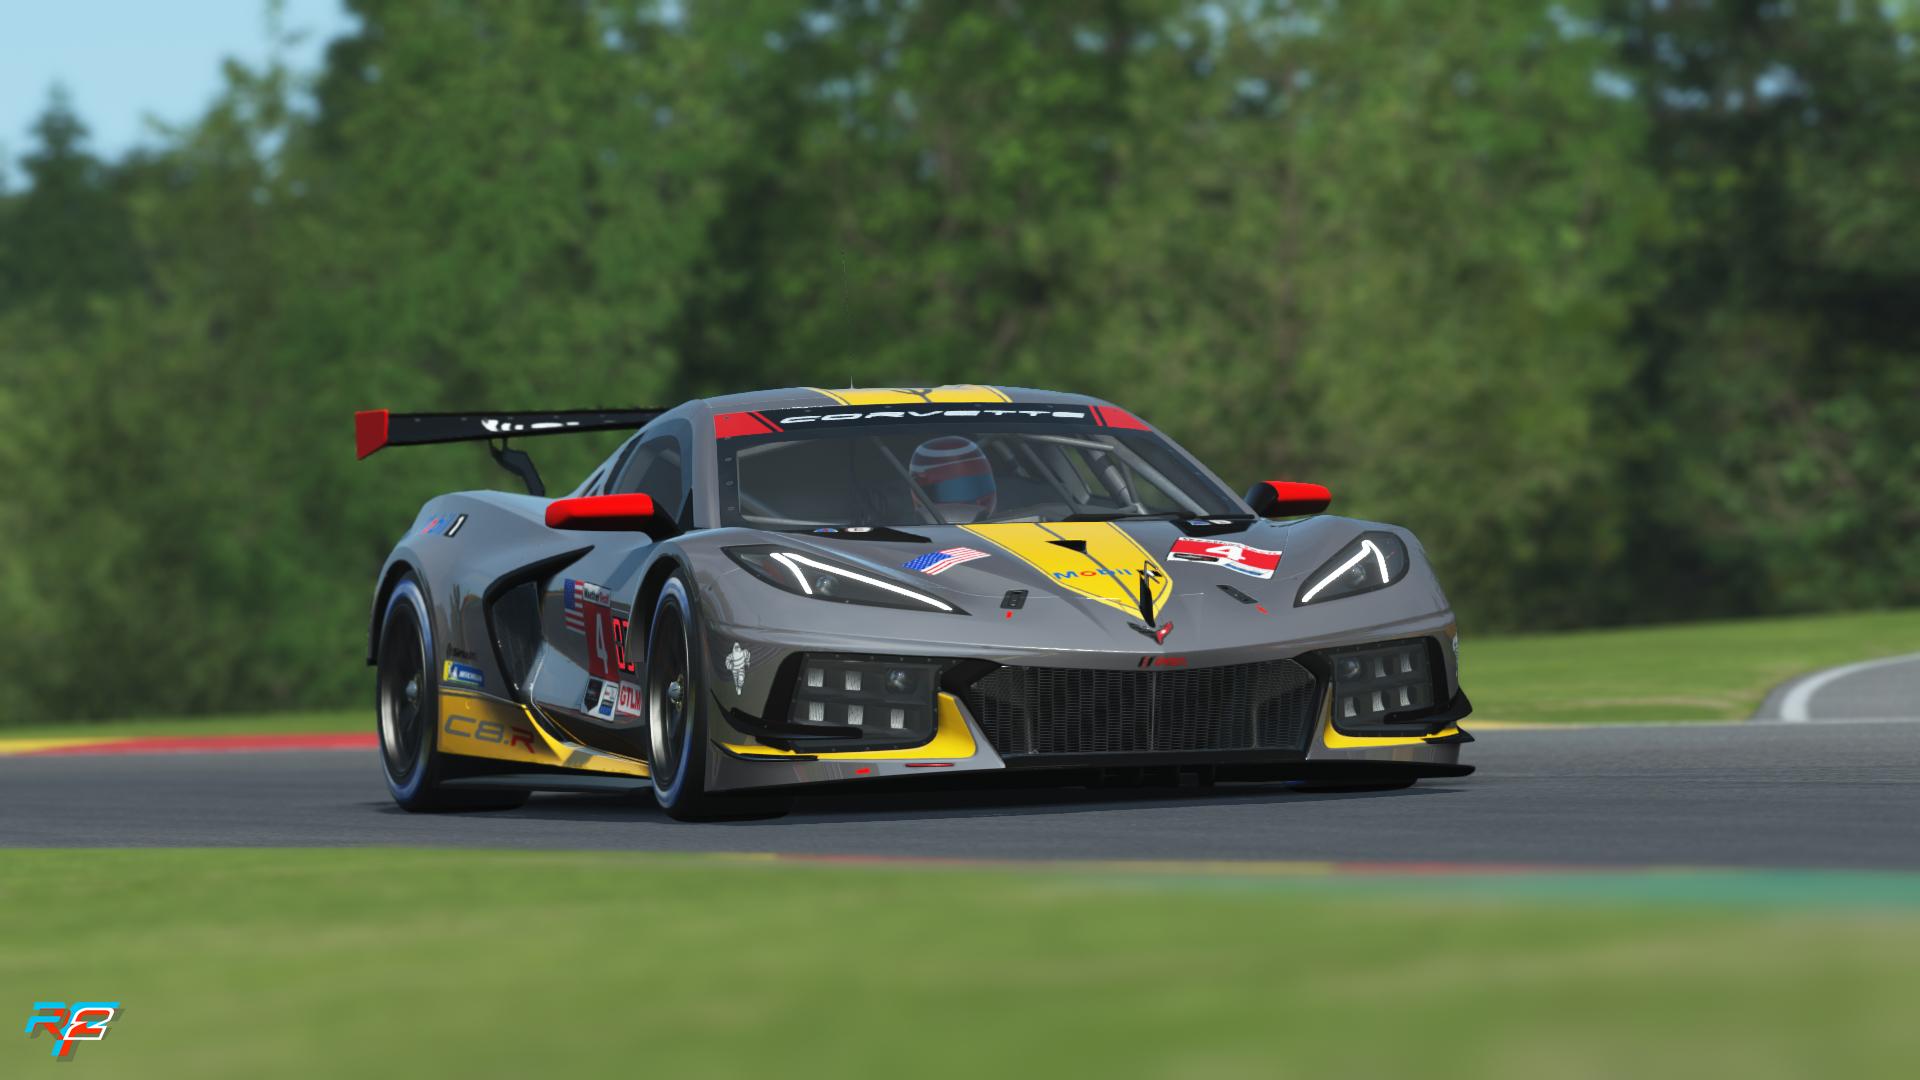 Corvette_C8R_2020_release_02.jpg